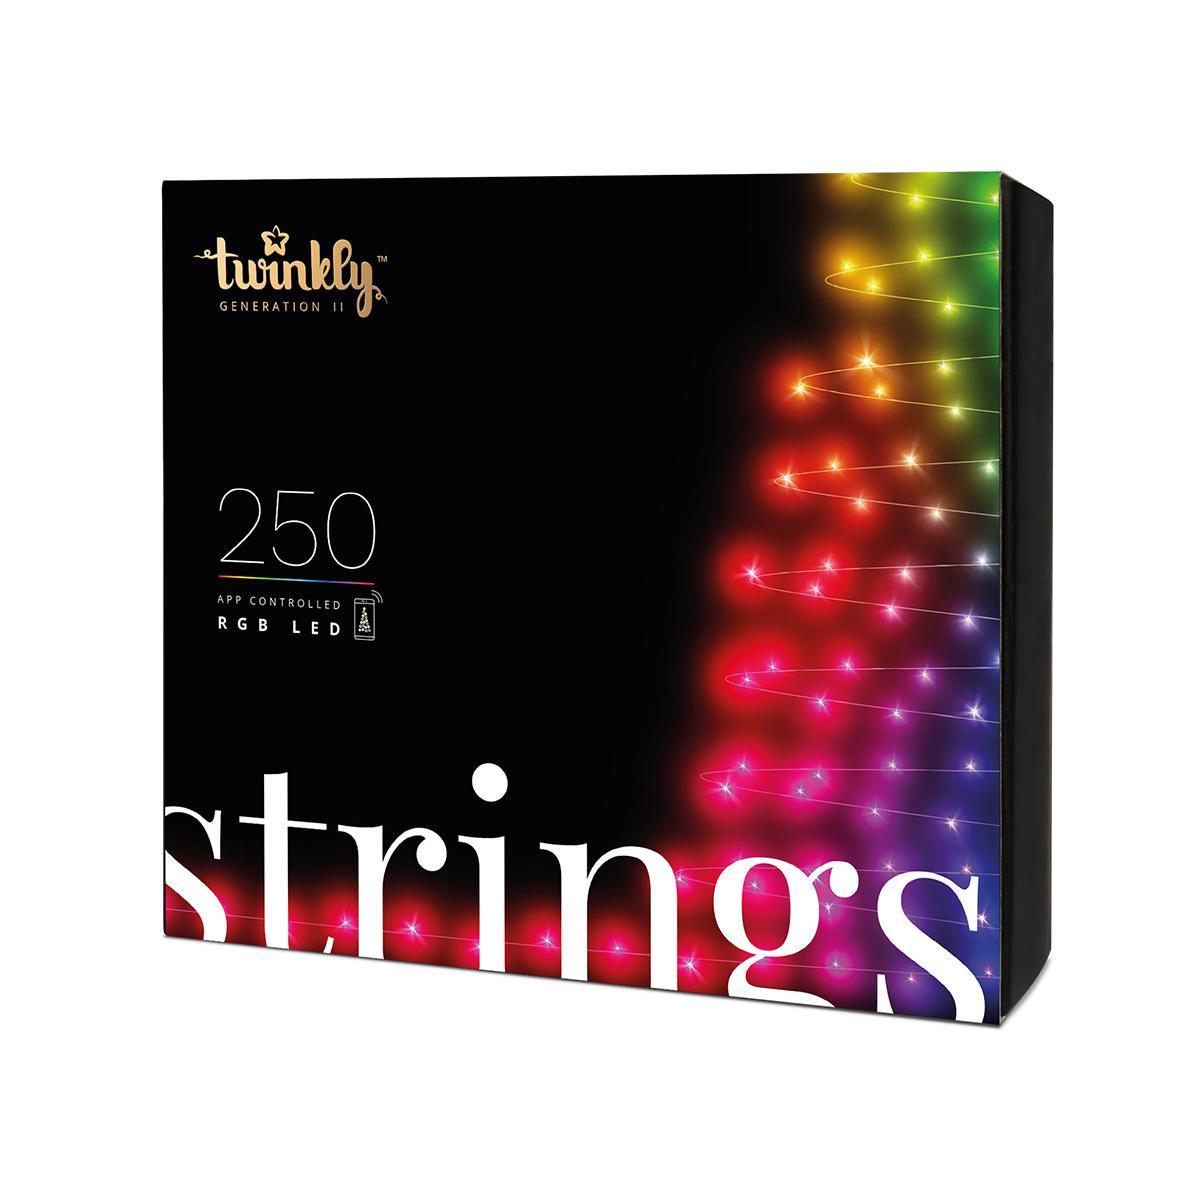 Jardideco Guirlande lumineuse Connectée 250 Leds RGB 20m pour Sapin de Noël - TWINKLY